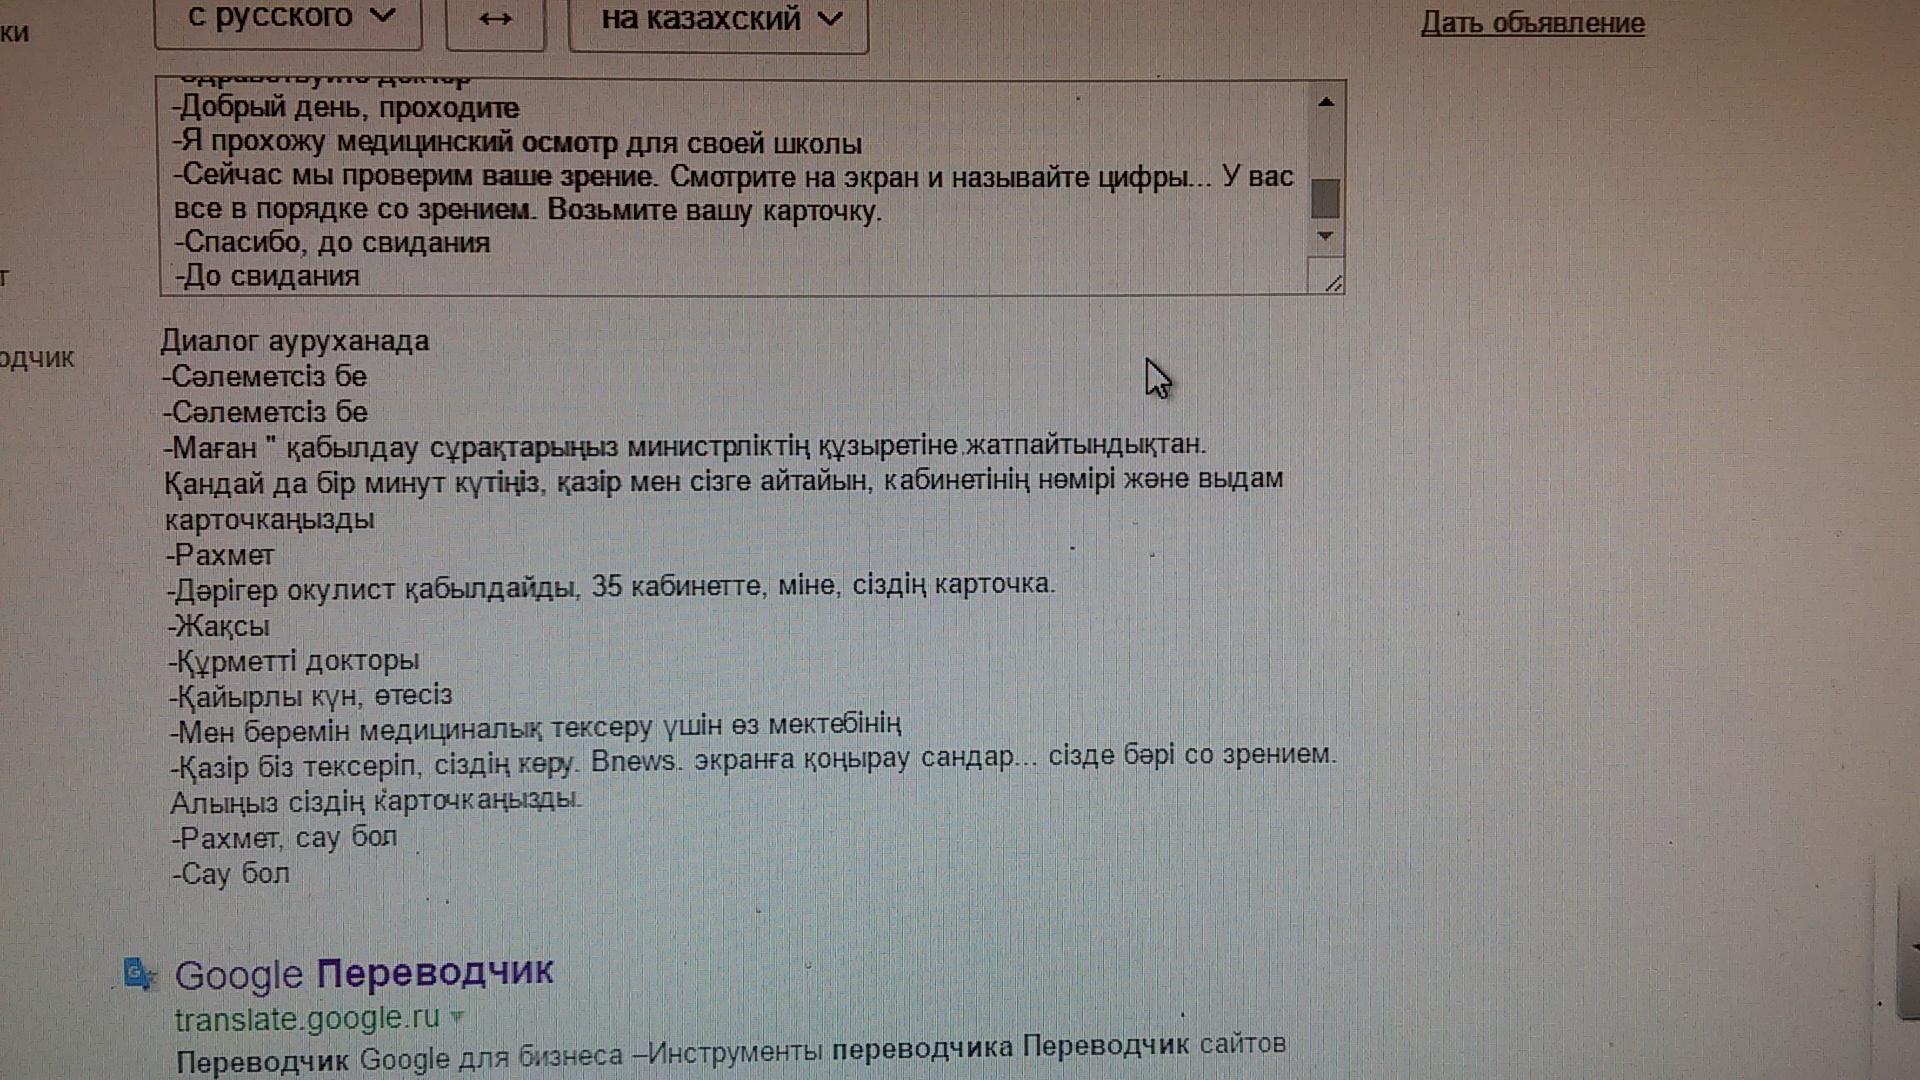 Эссе на казахском языке про врача 772